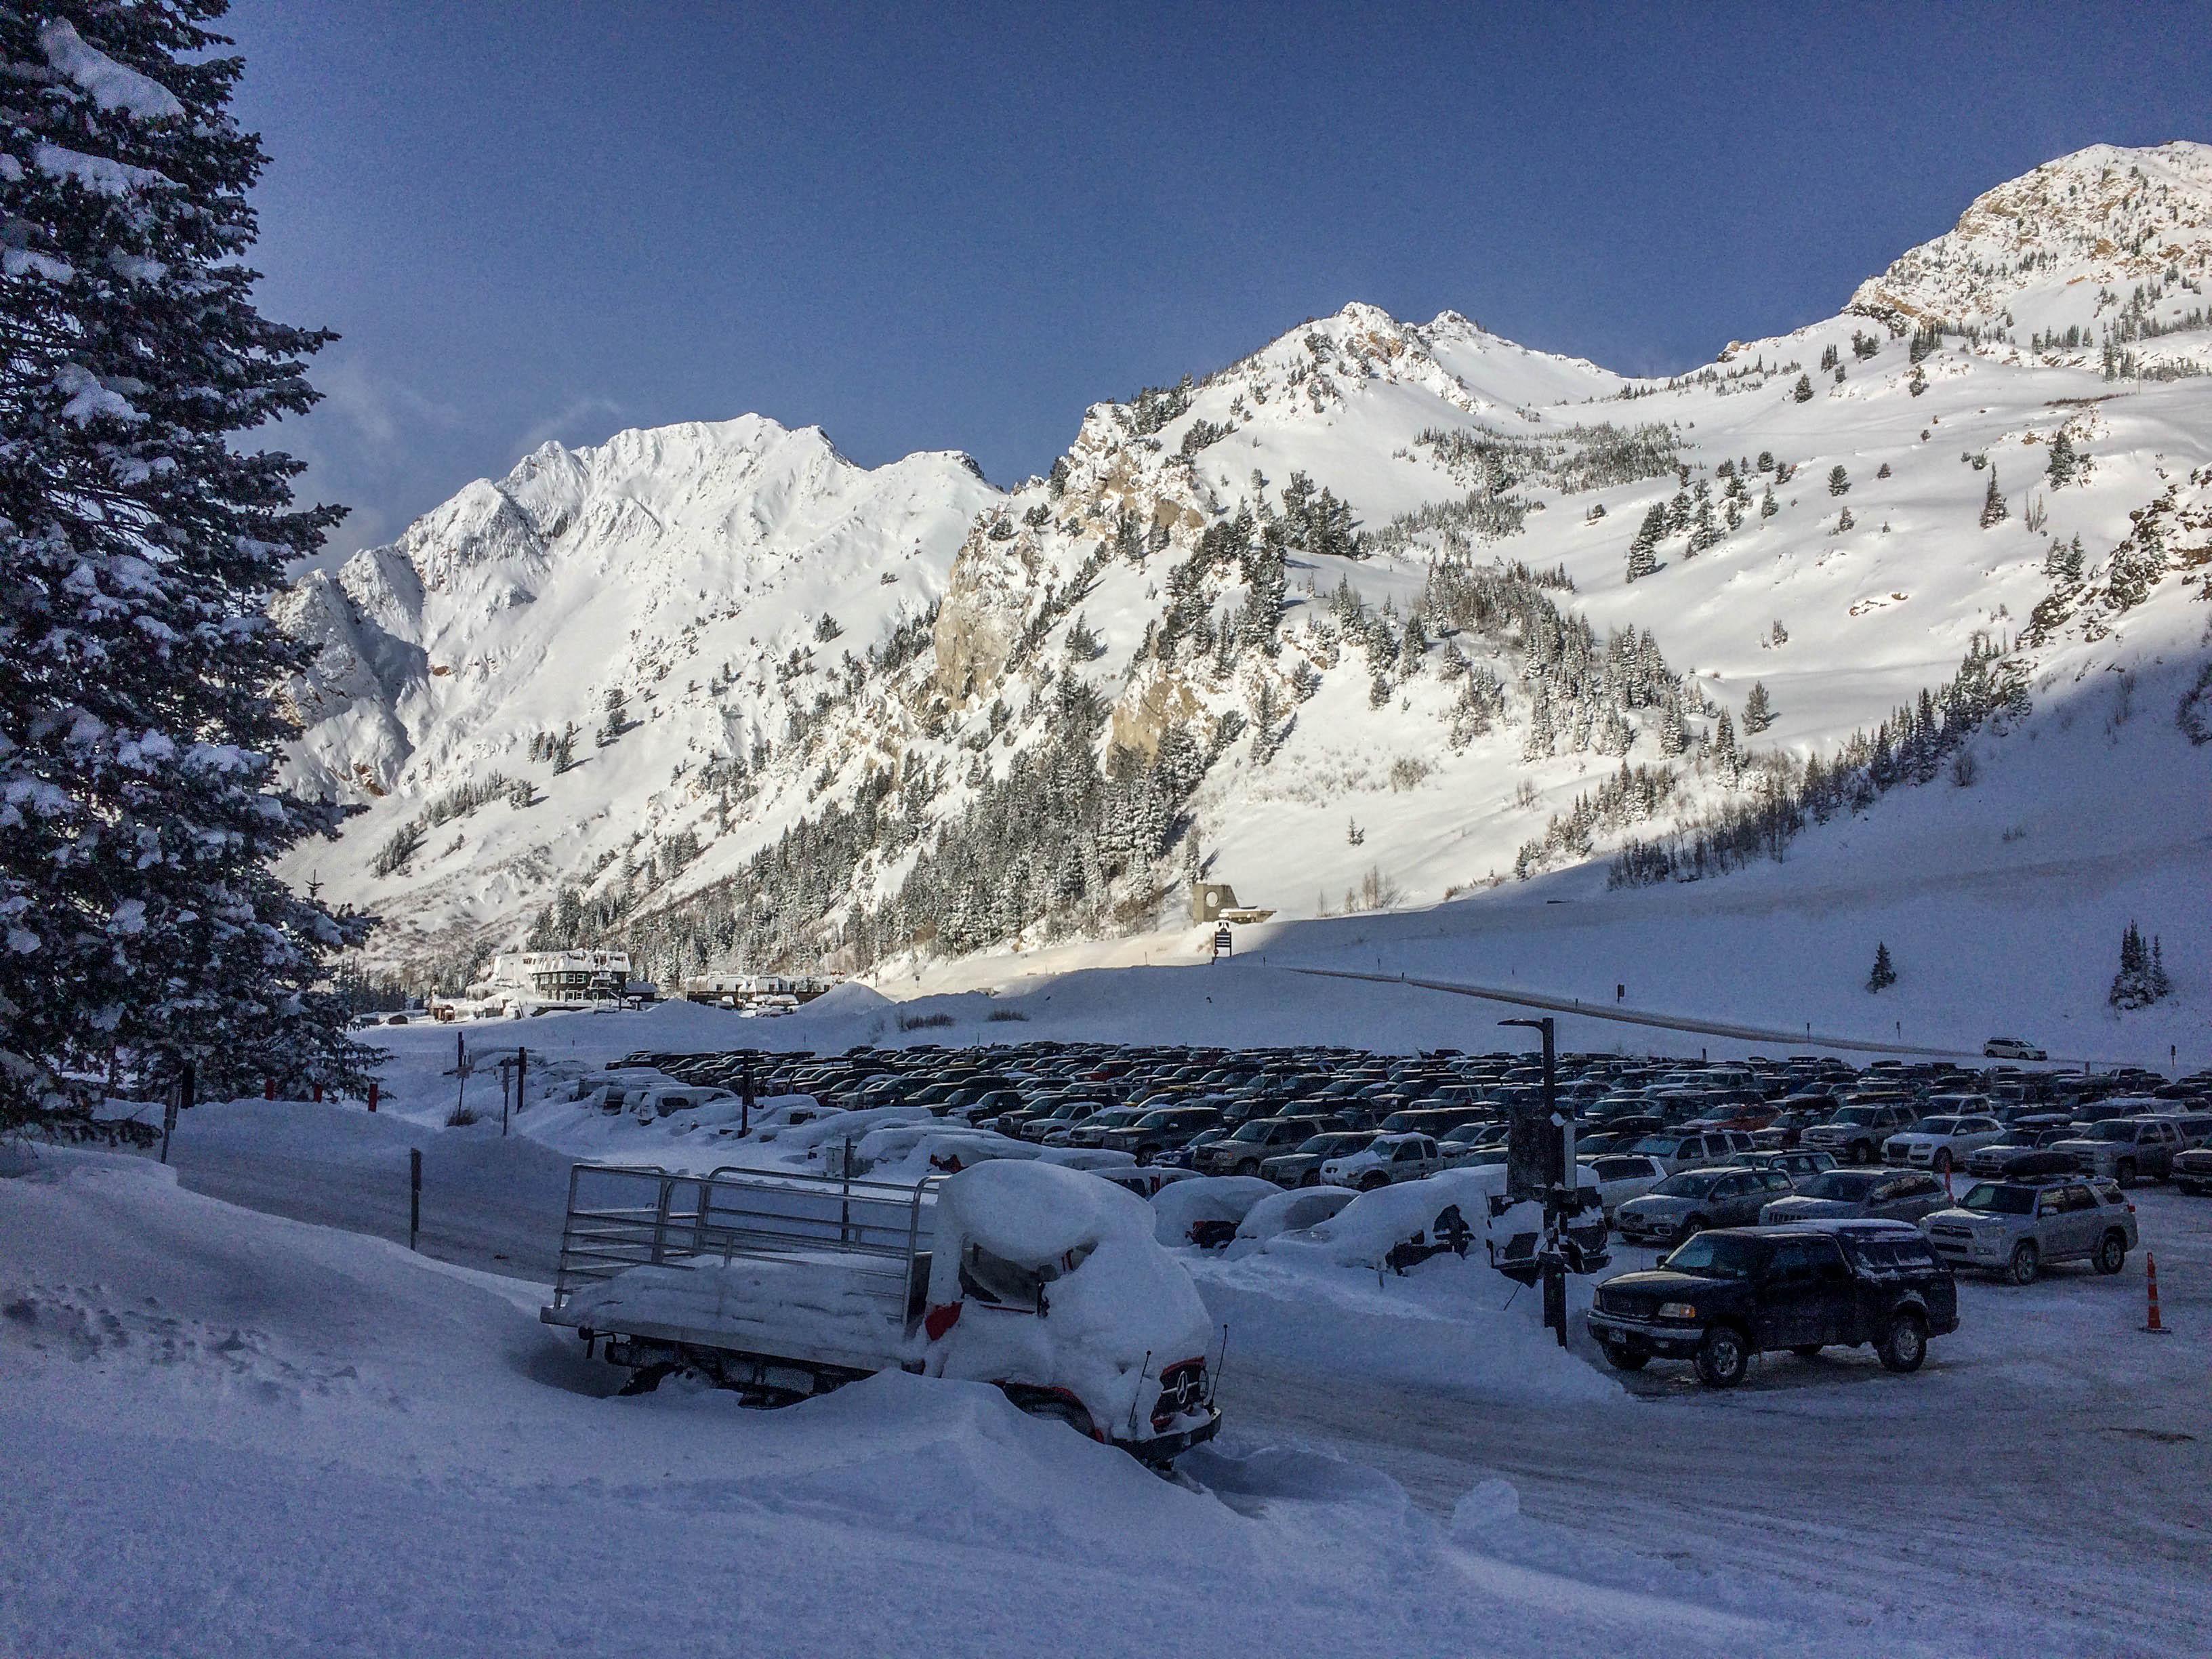 utah ski resort guide